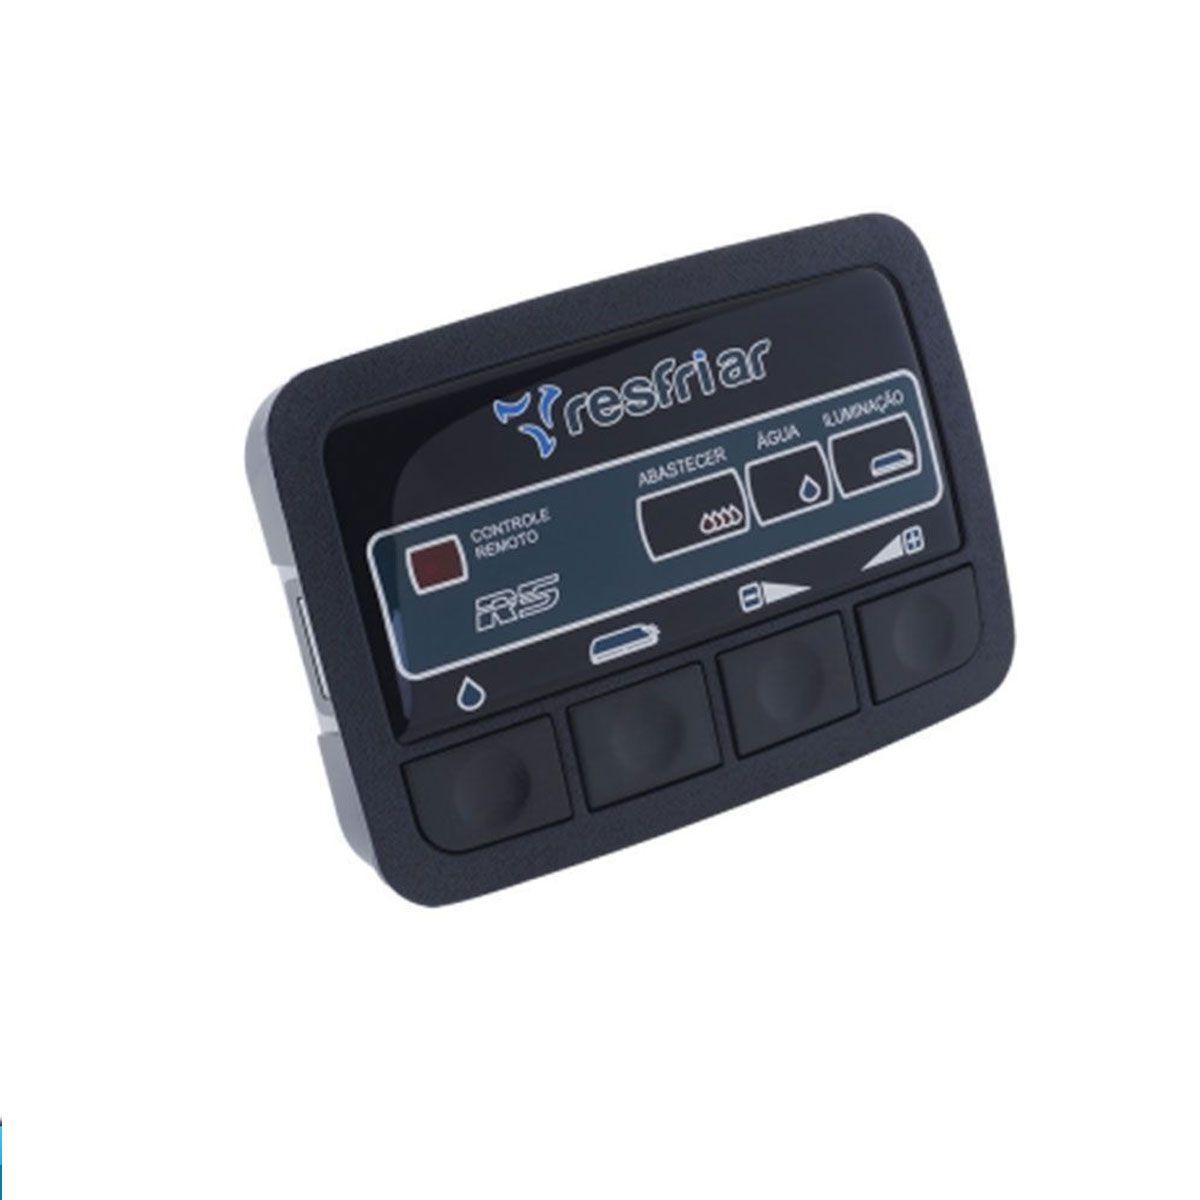 Microprocessador Placa Eletrônica Climatizador de Ar Resfriar Série 5  Série 6 R3 Dupla bomba 12v 24v